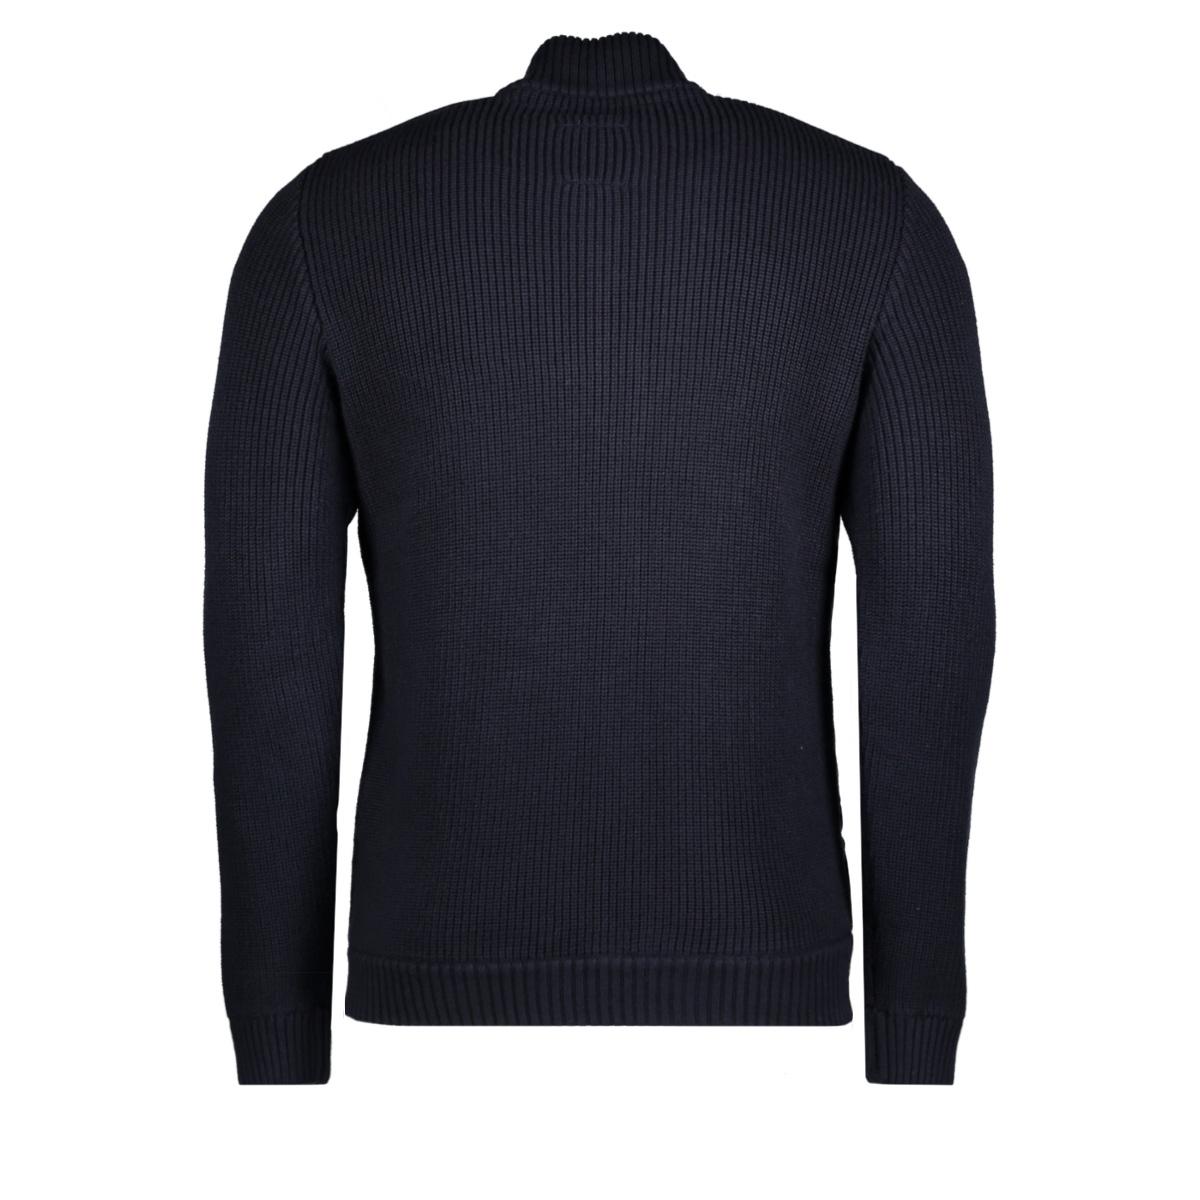 3023086.00.10 tom tailor vest 6800